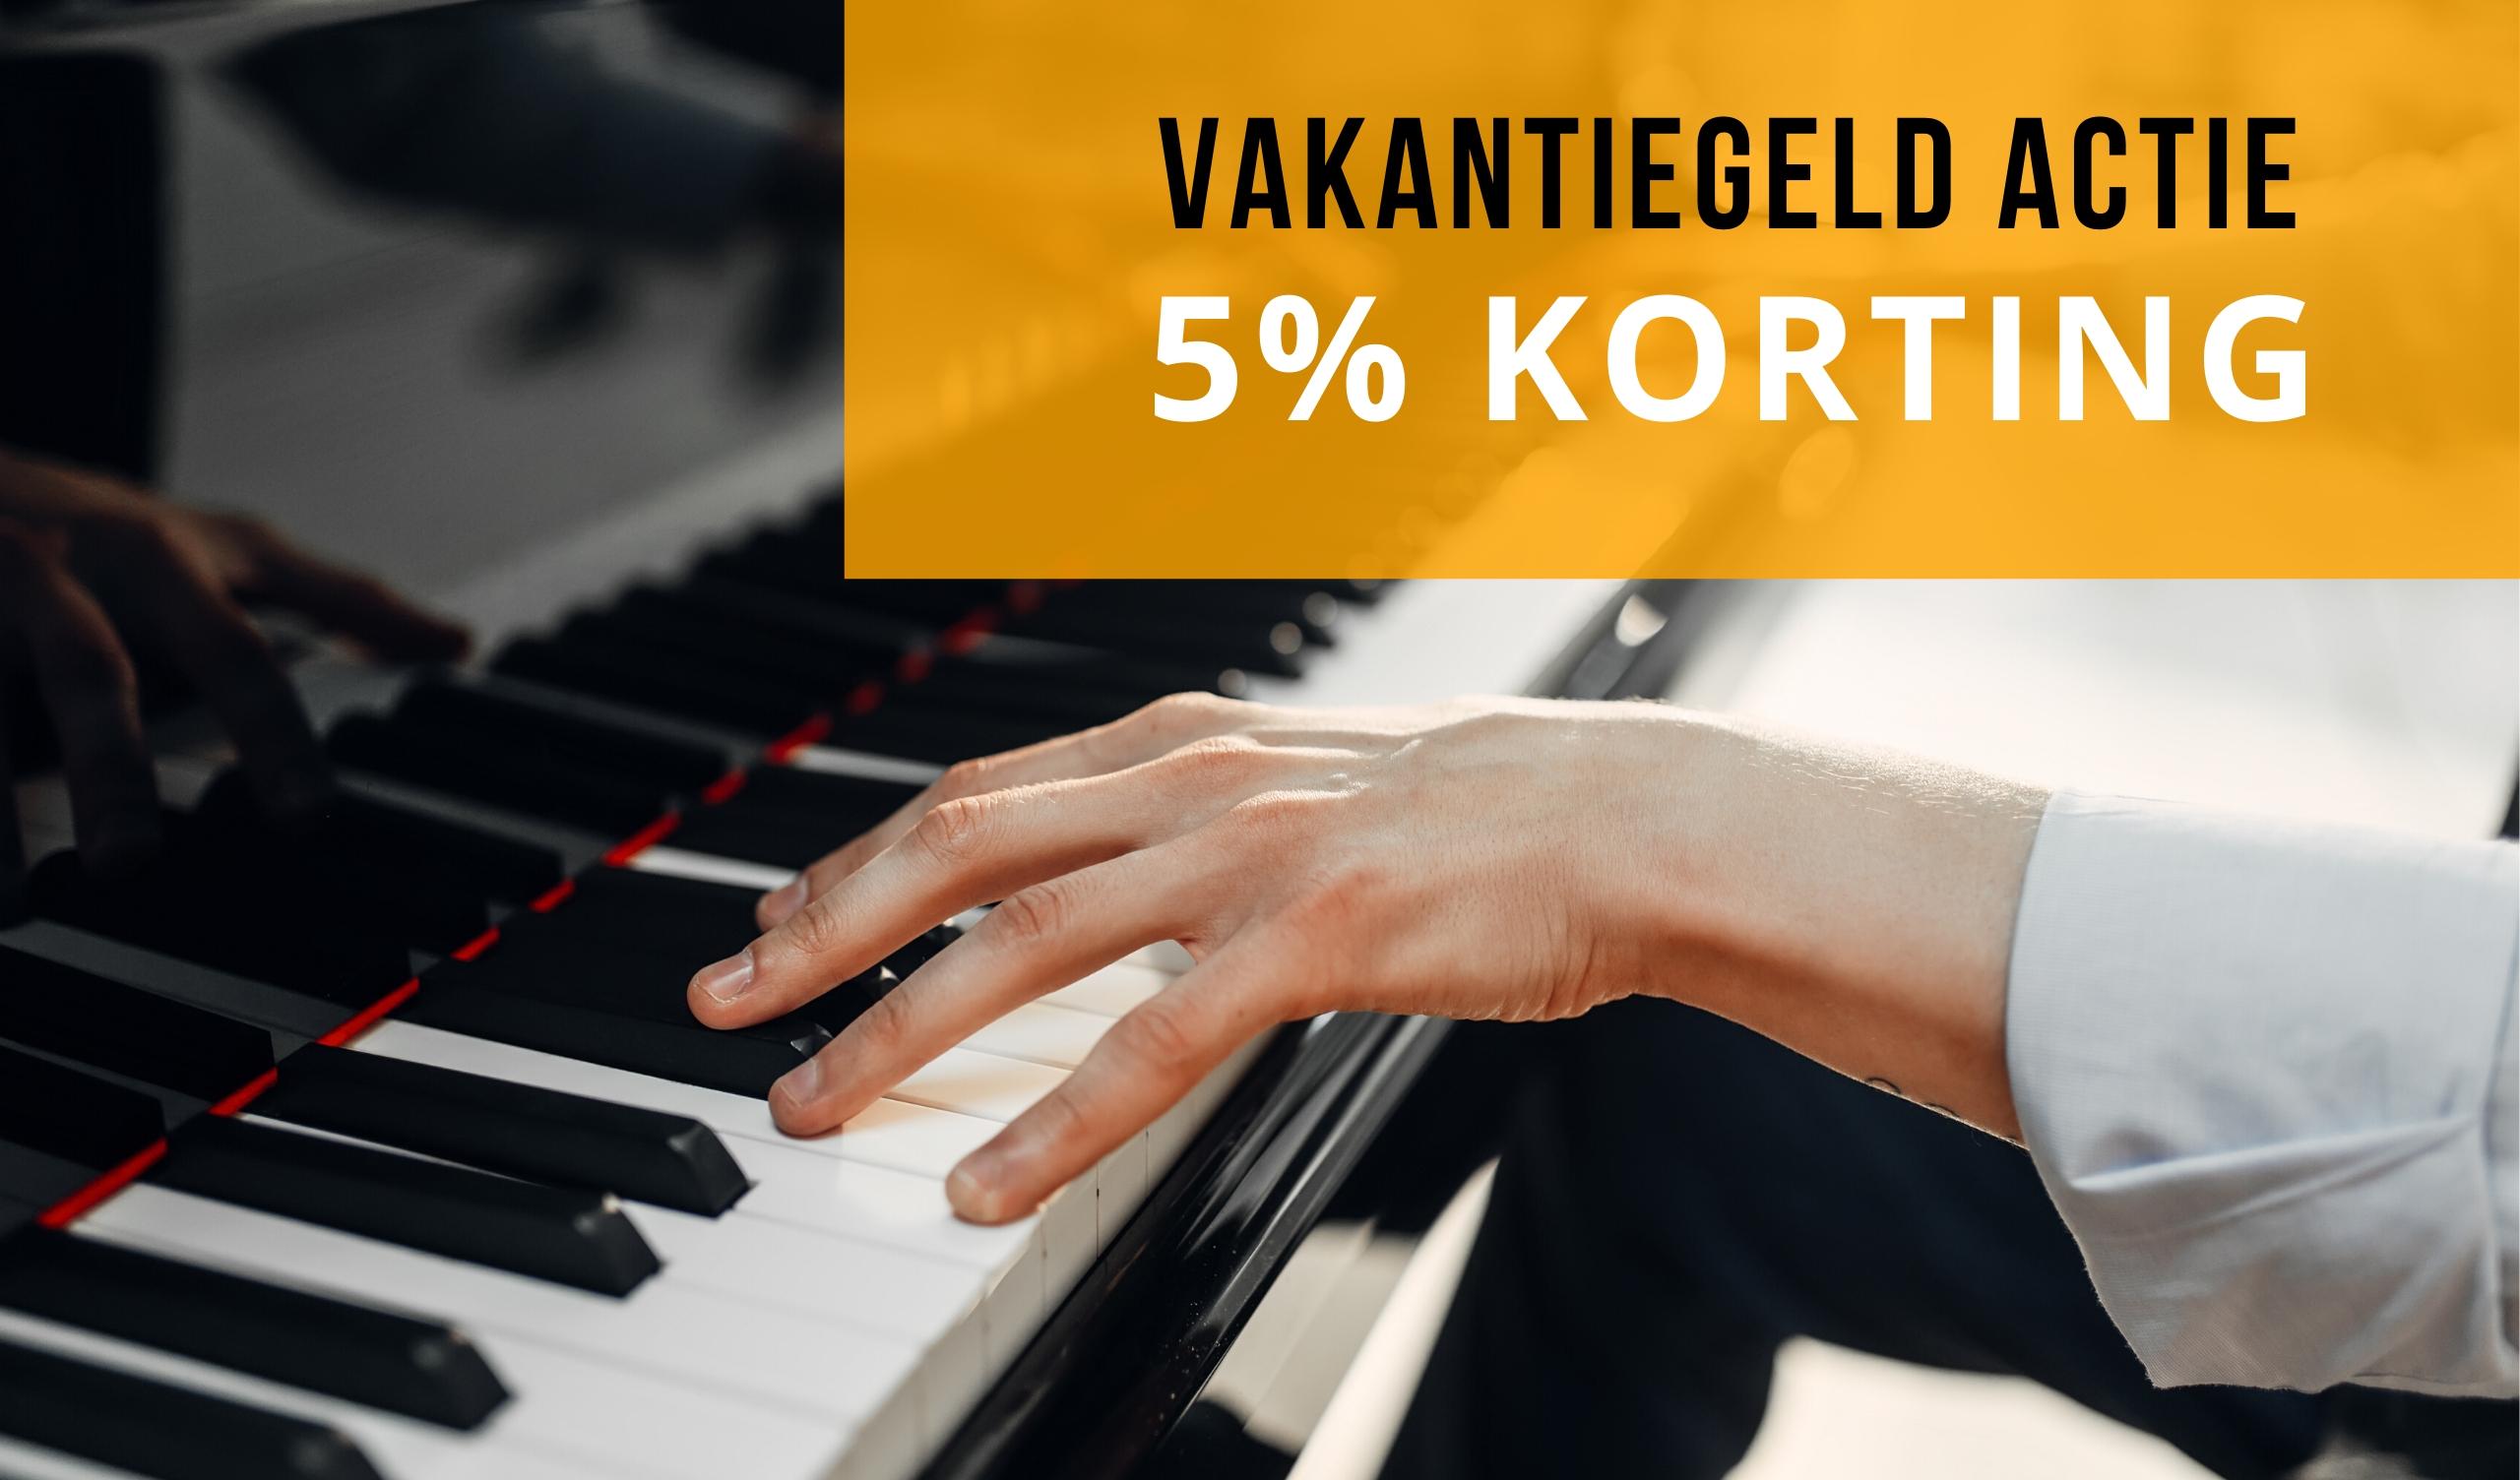 VAKANTIEGELD ACTIE: 5% KORTING OP ALLES